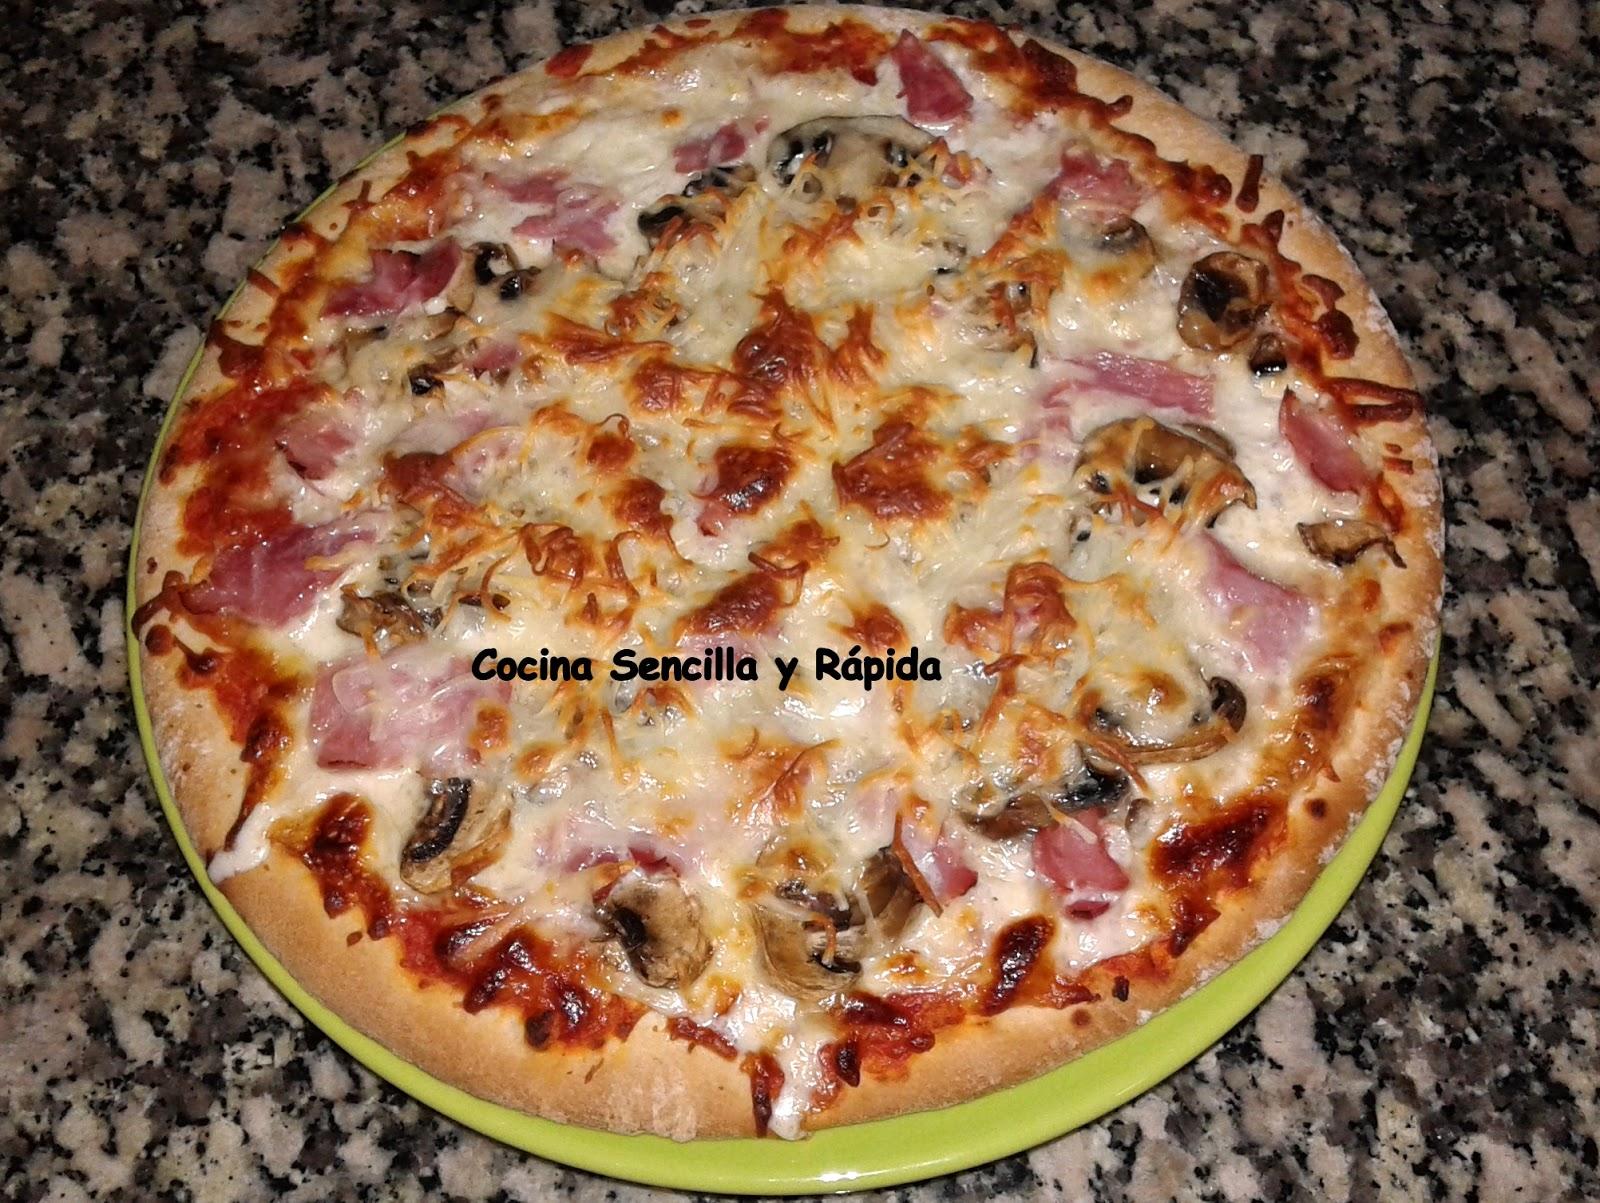 Cocina sencilla y r pida pizza carbonara a mi manera for Cocina rapida y sencilla